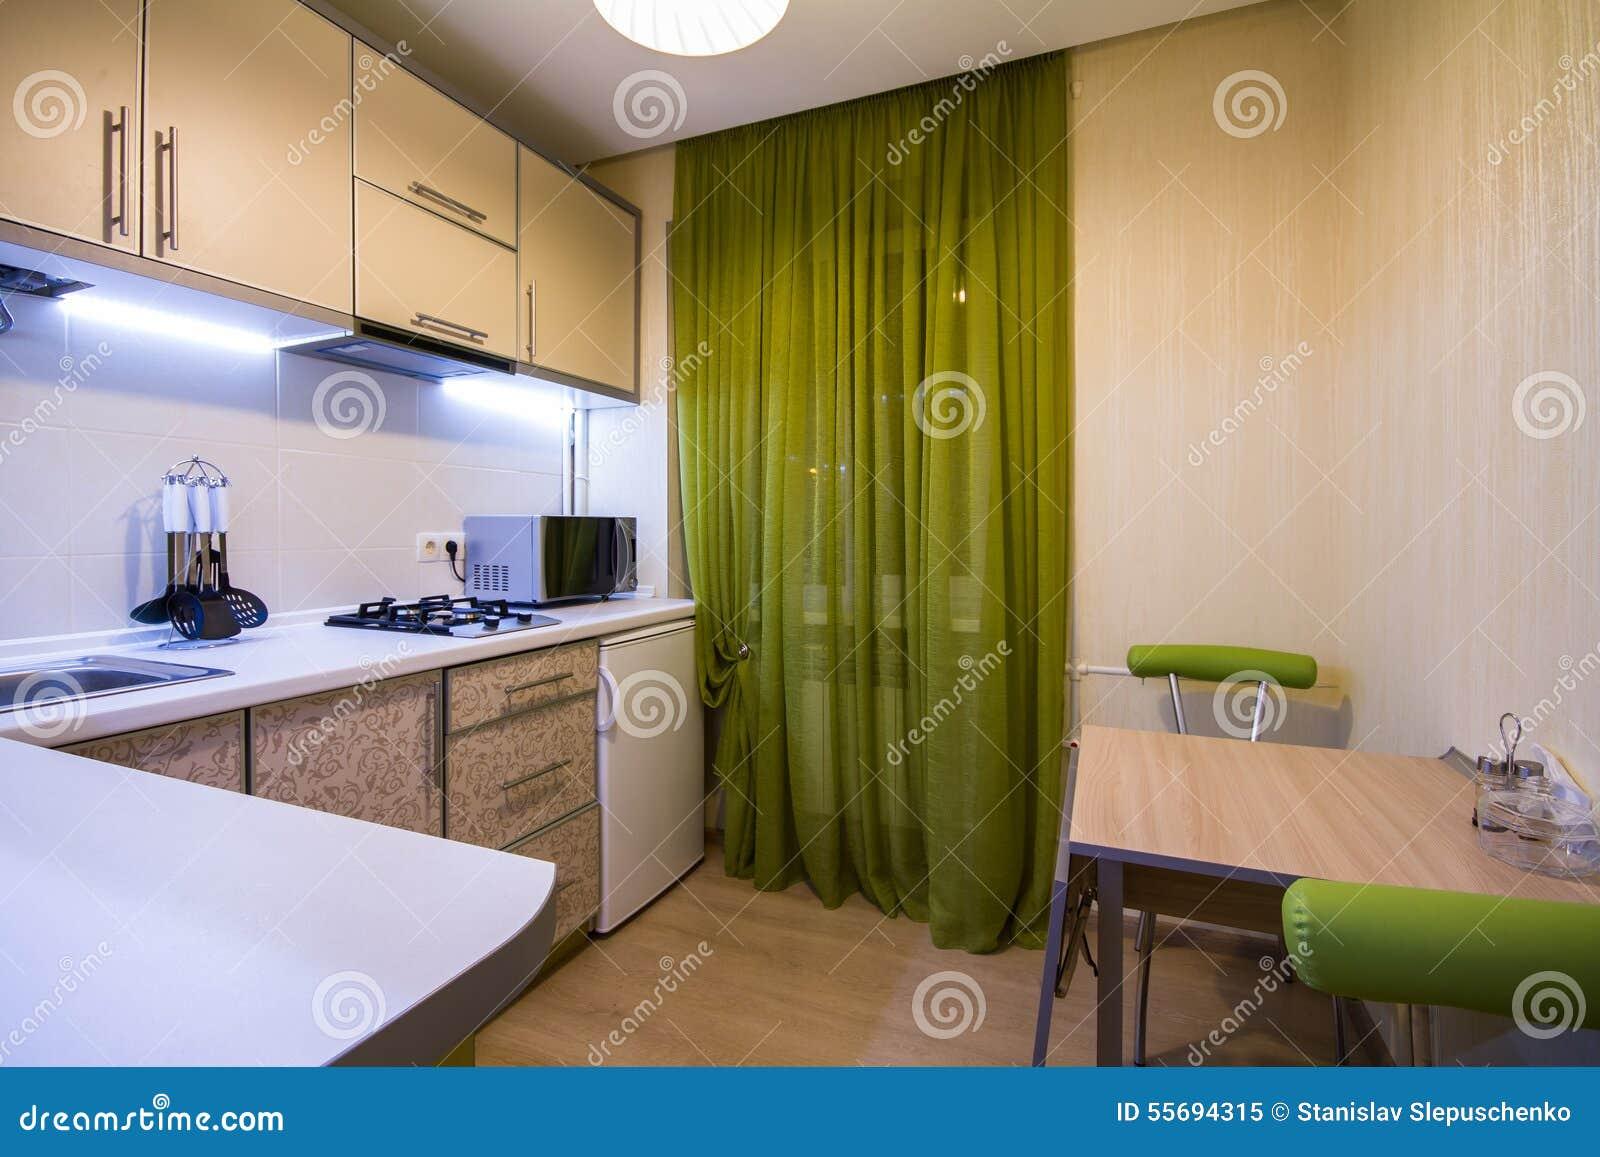 rideau de cuisine moderne idees modernes pour les rideaux de cuisine rideau cuisine moderne. Black Bedroom Furniture Sets. Home Design Ideas